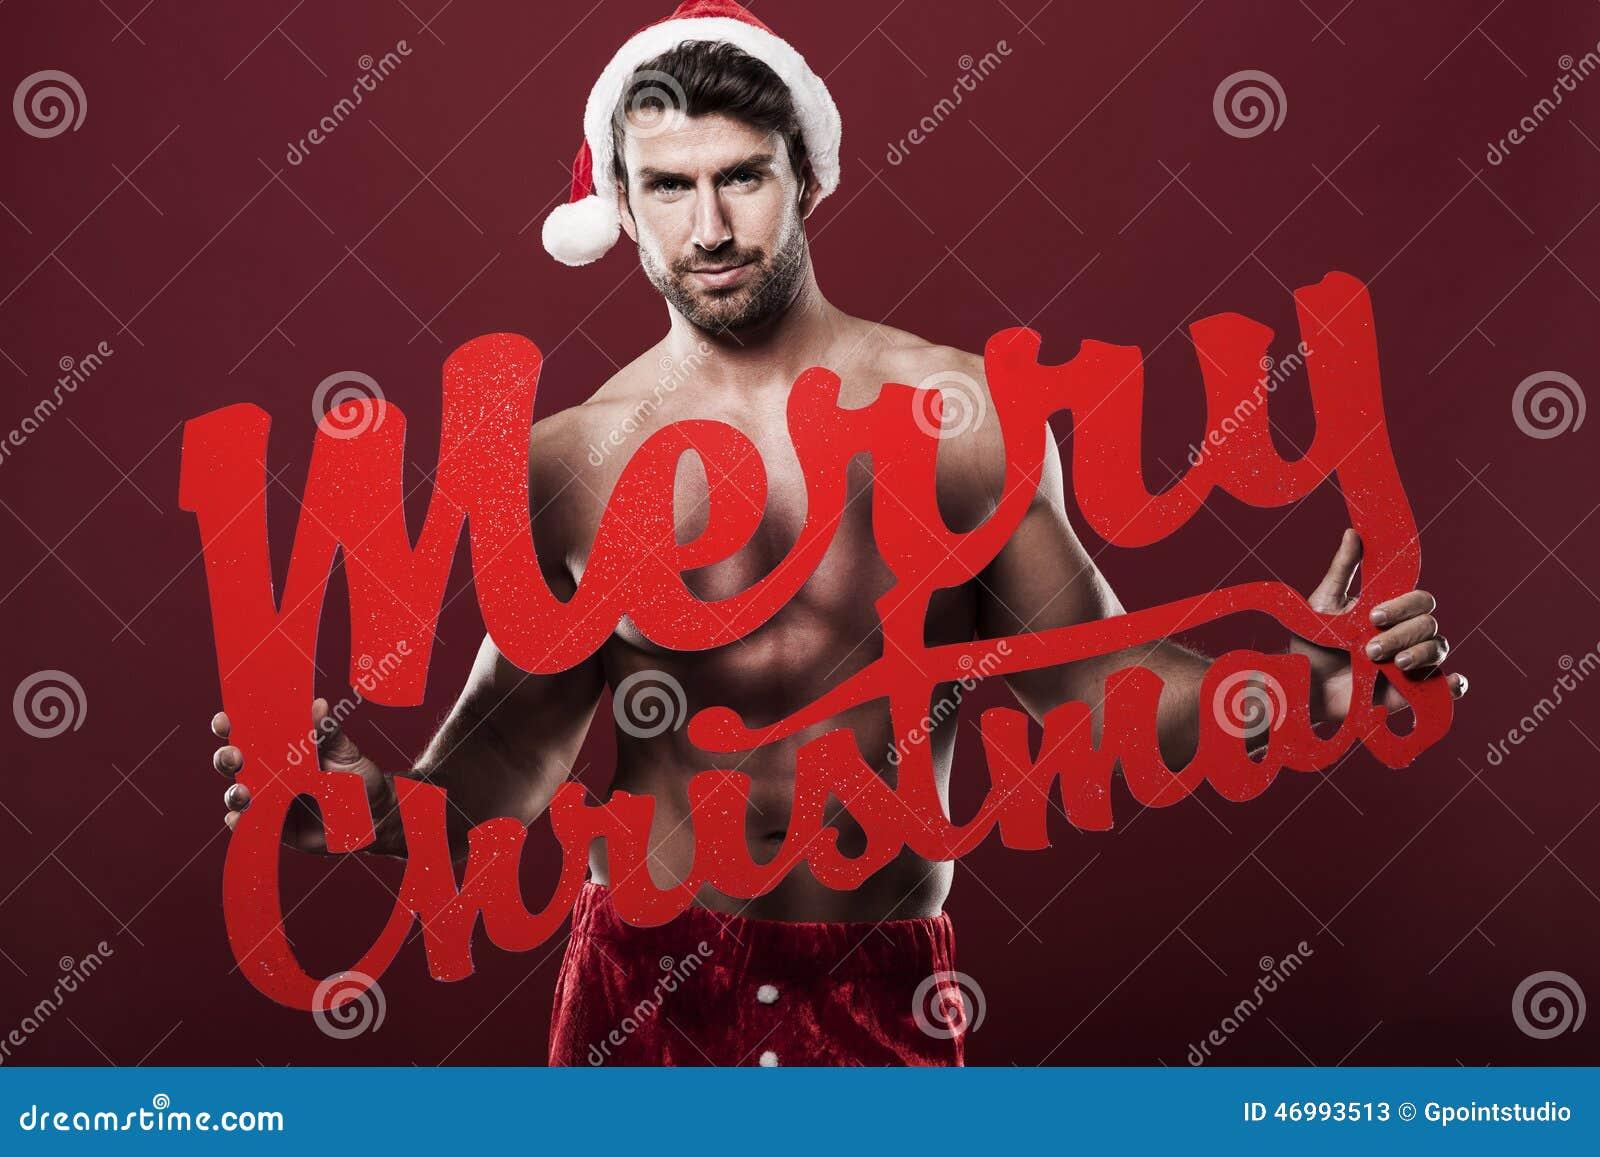 Frohe Weihnachten Männer Bilder.Frohe Weihnachten Männer Italiaansinschoonhoven